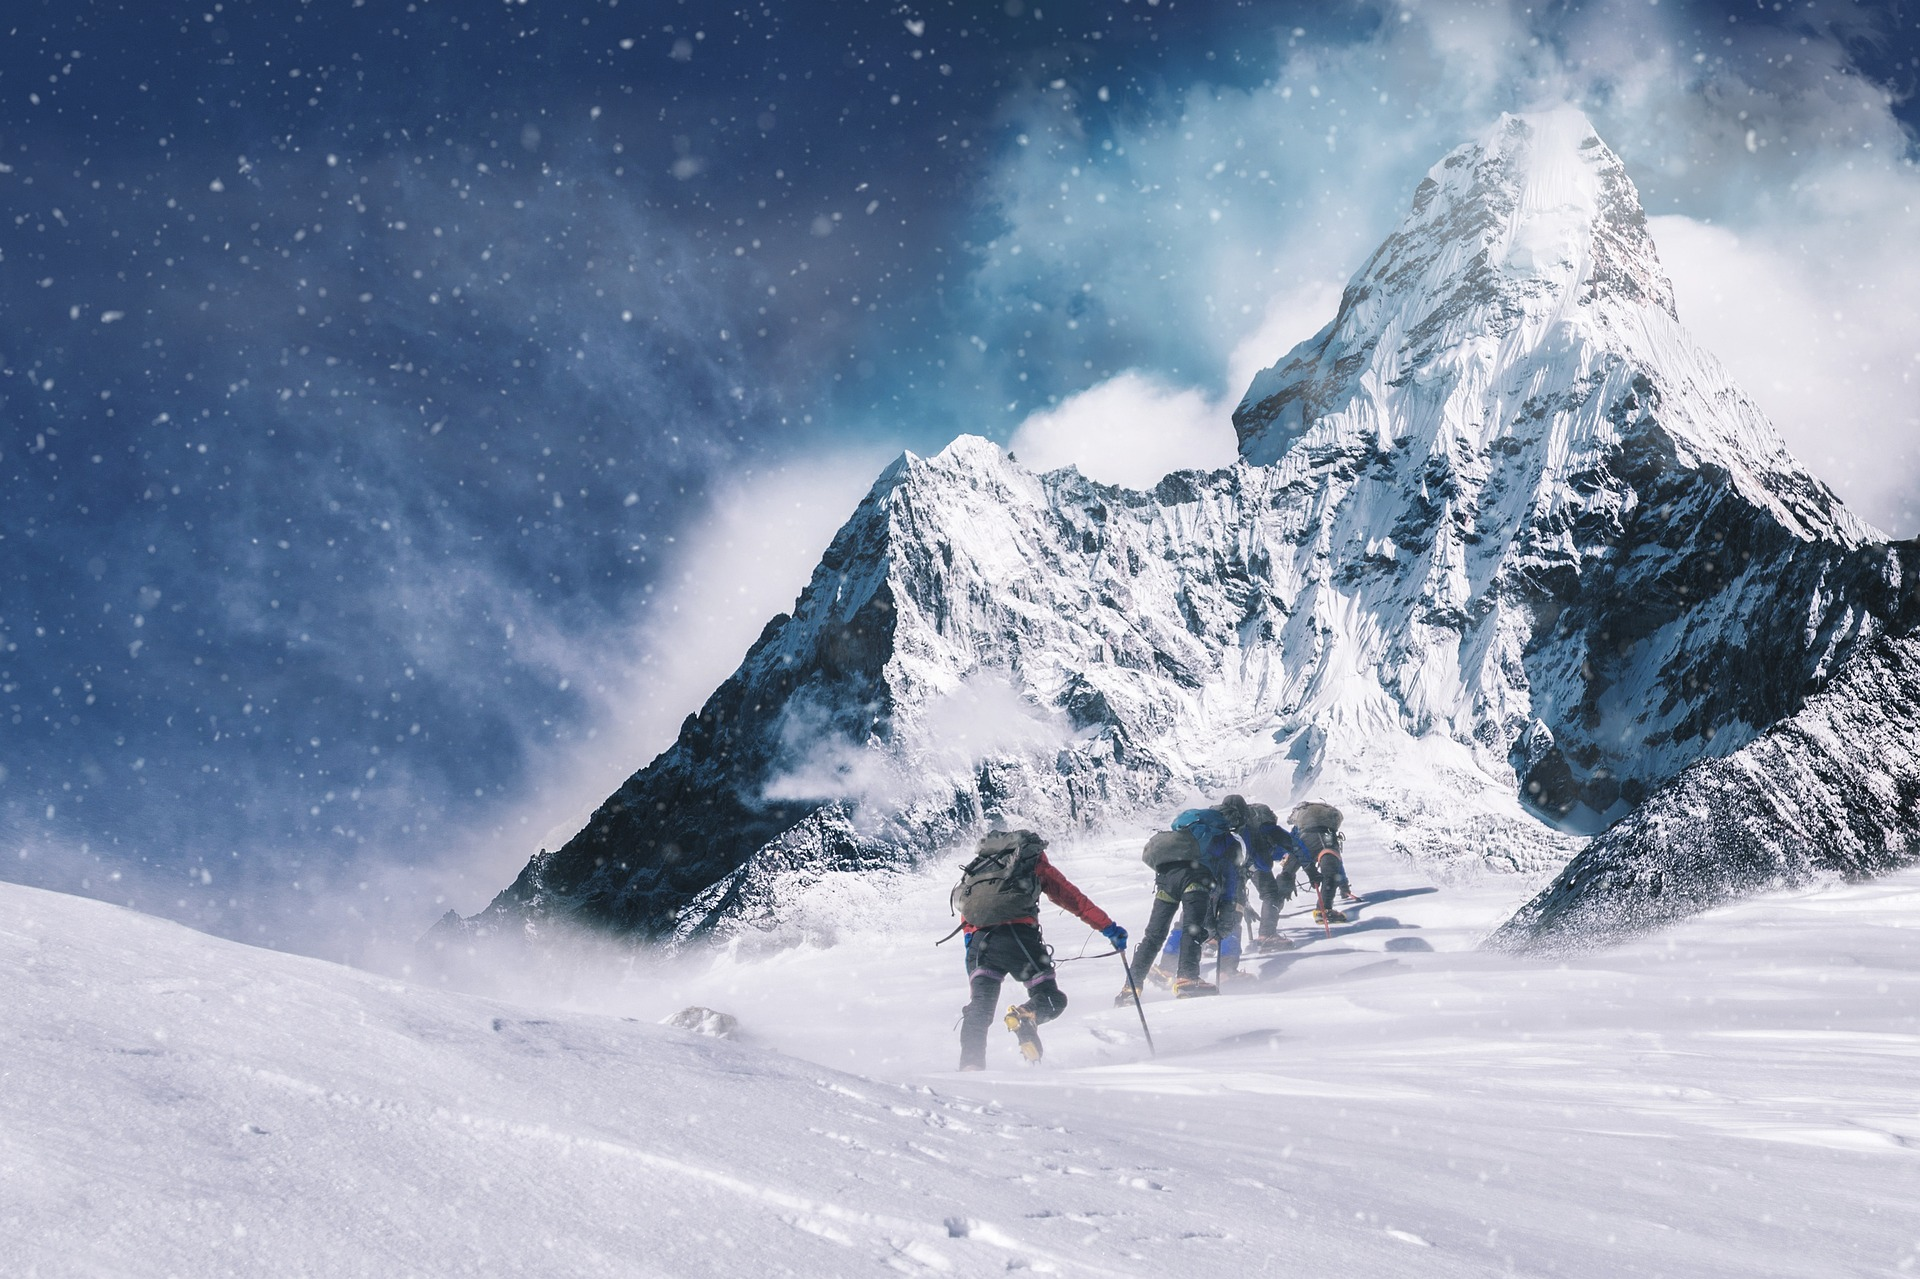 Escalada e esportes verticais: alpinismo